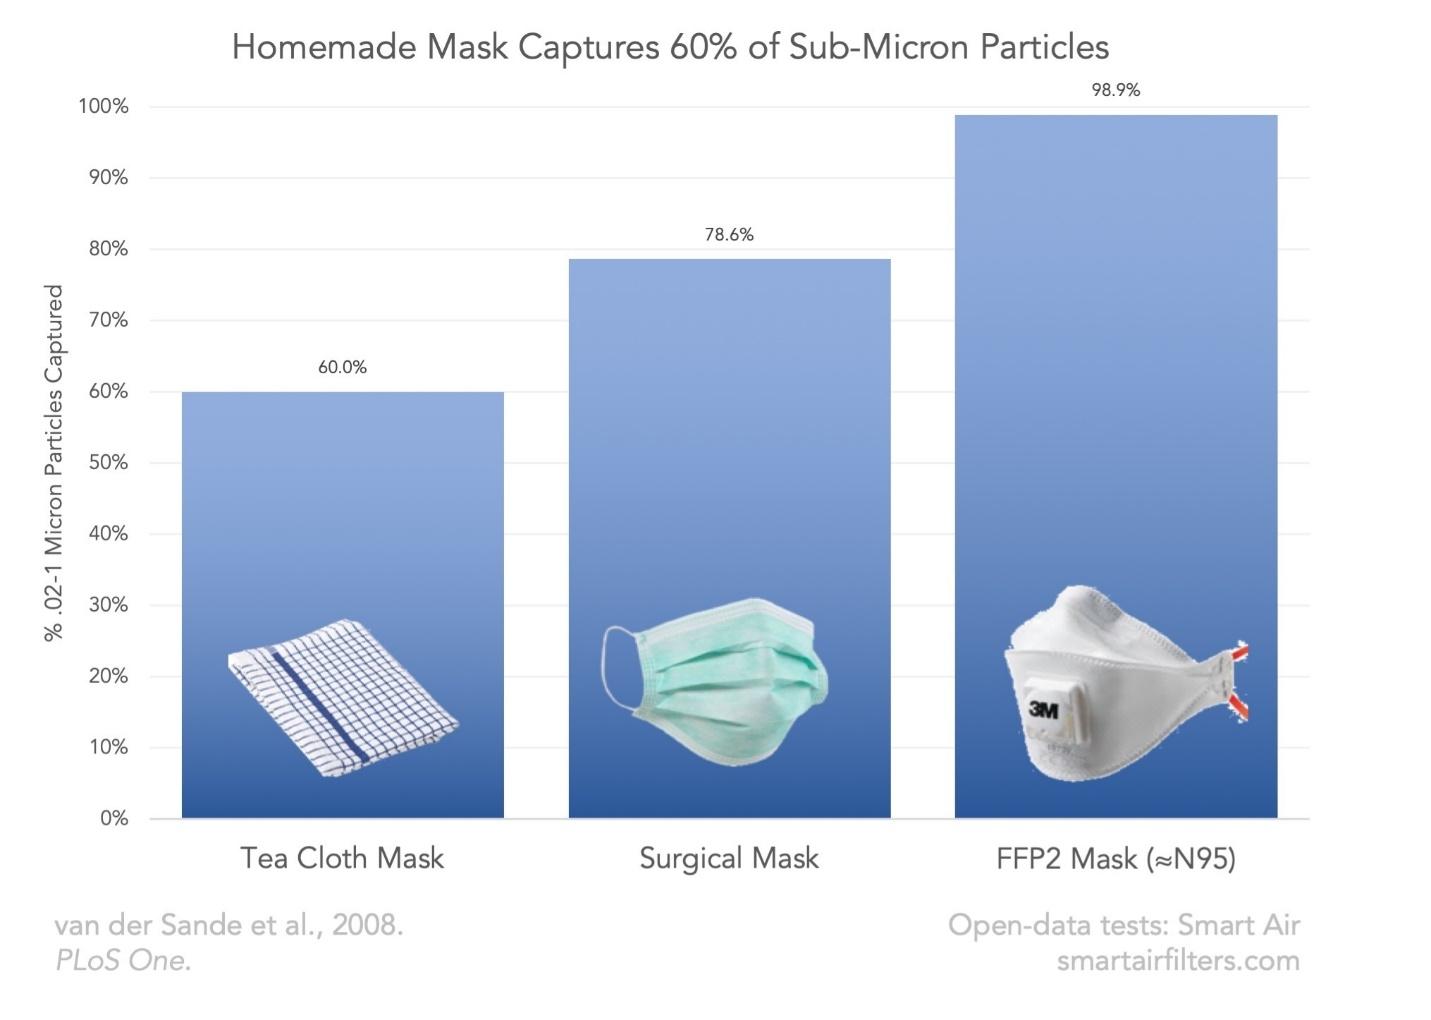 Zelfgemaakt Masker Vangt 60% van de Submicron Deeltjes